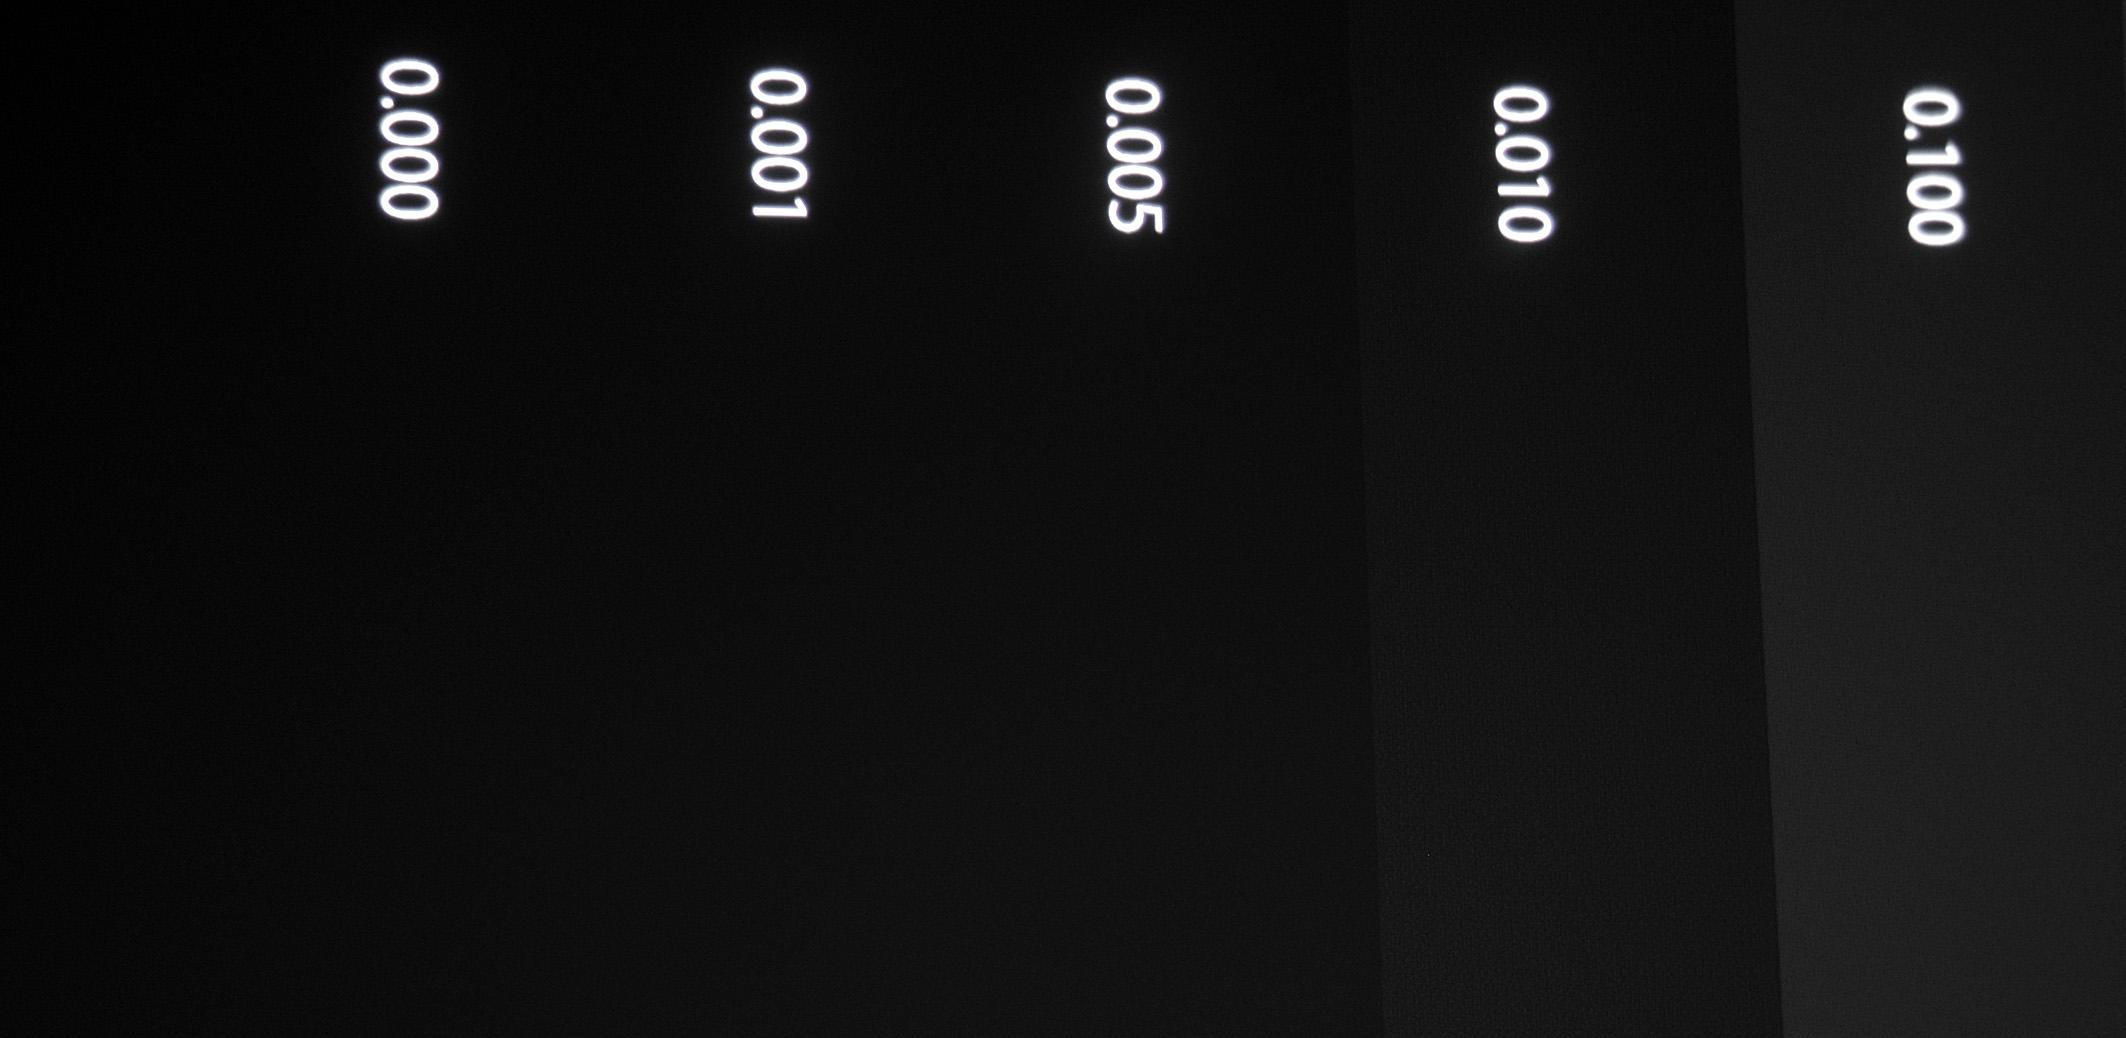 Die dunklen Bereiche des Testbildes weisen eine vorzügliche Durchzeichnung auf. Erstaunlich ist allenfalls, dass zwischen 0.001 und 0.005 keine Abstufung besteht, während zwischen 0.001 und 0.000 Nits eine Abstufung erkennbar und messbar ist. Ab Werk ist das Clipping so eingestellt, dass erst oberhalb von1000 Nits nichts mehr sichtbar ist.